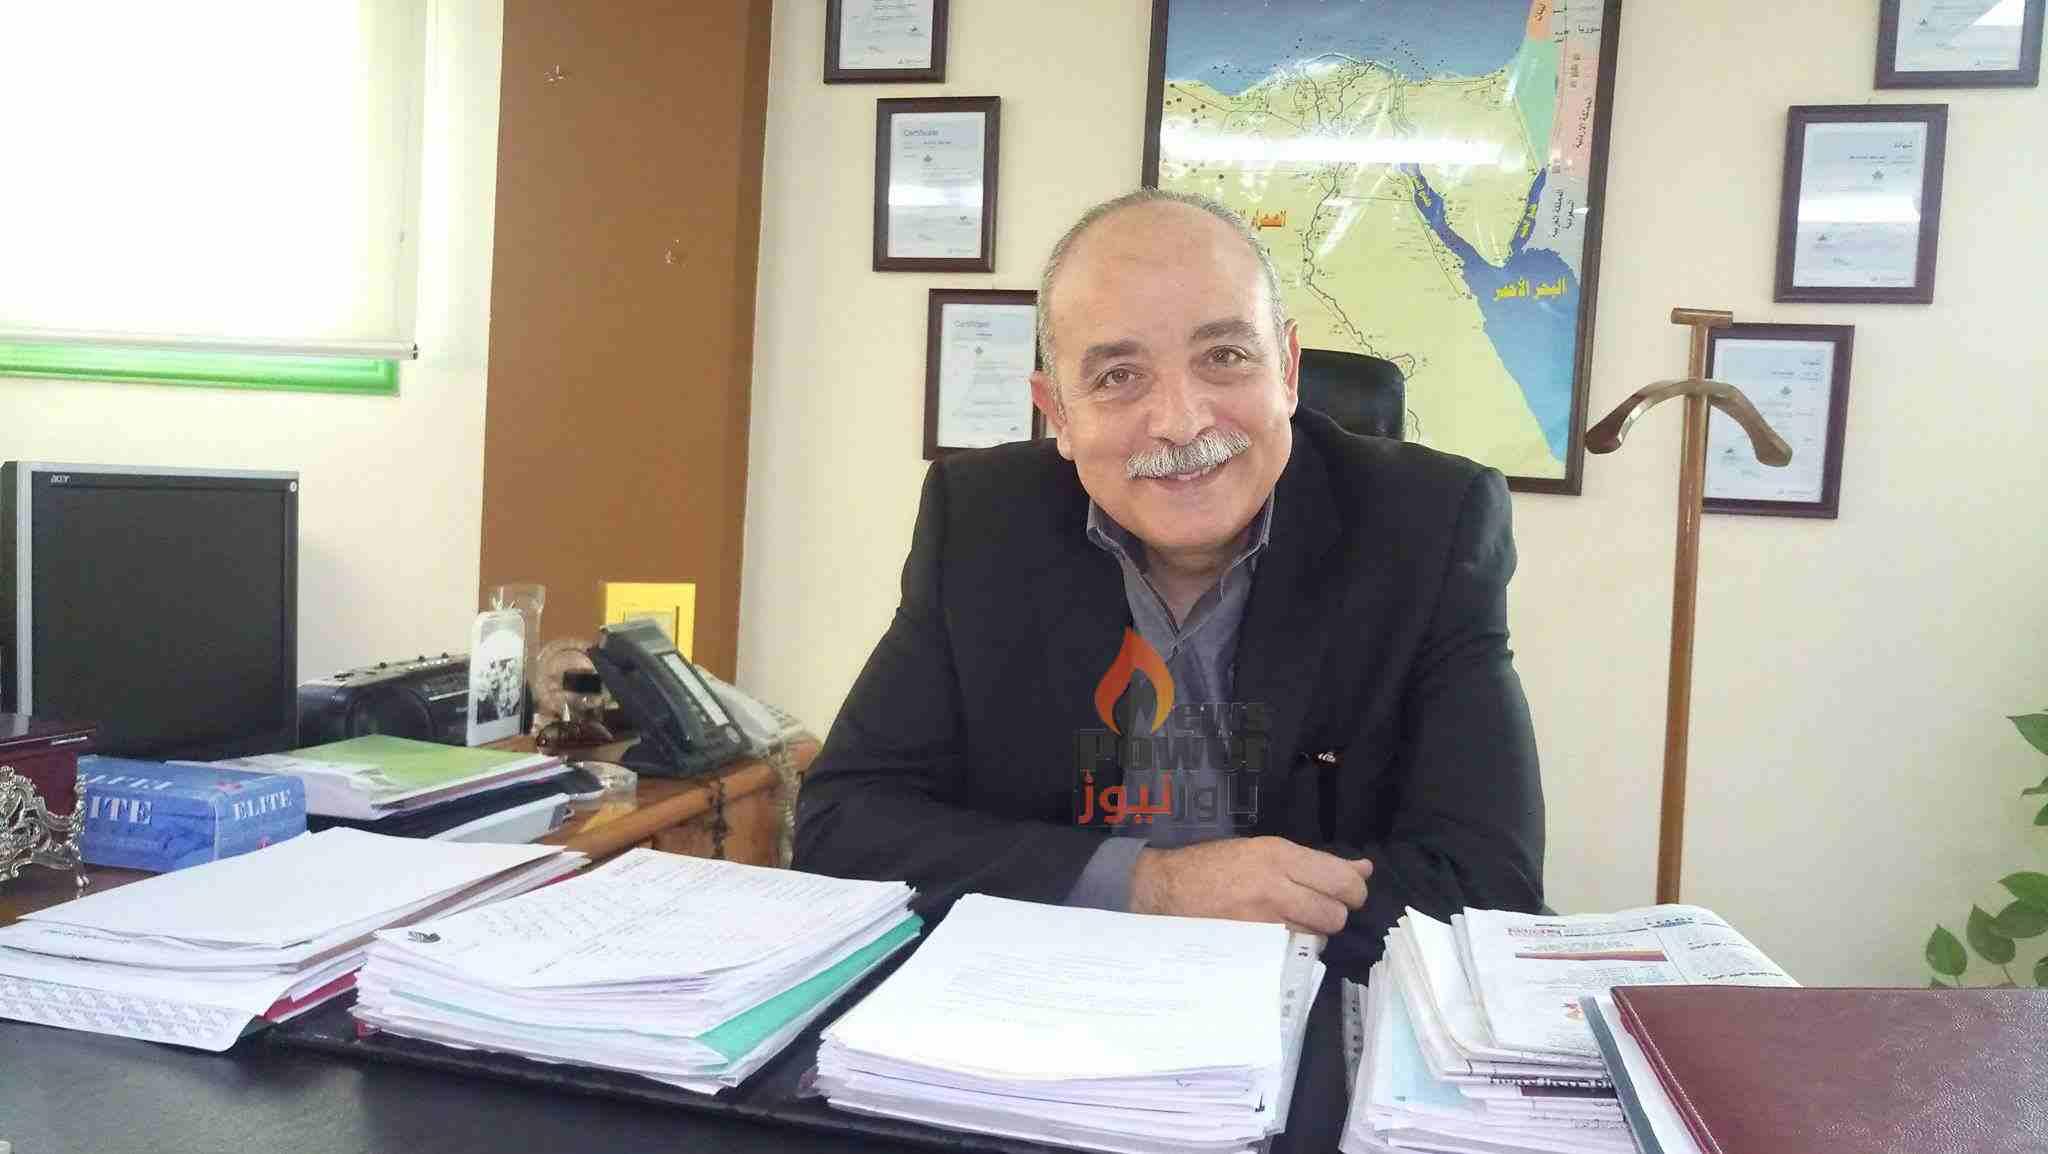 المهندس طارق الدجوى رئيس NGV : ارتفاع اسعار المحروقات رفع اعداد تحويل السيارات والمنشات بالغاز بنسبة 300 %